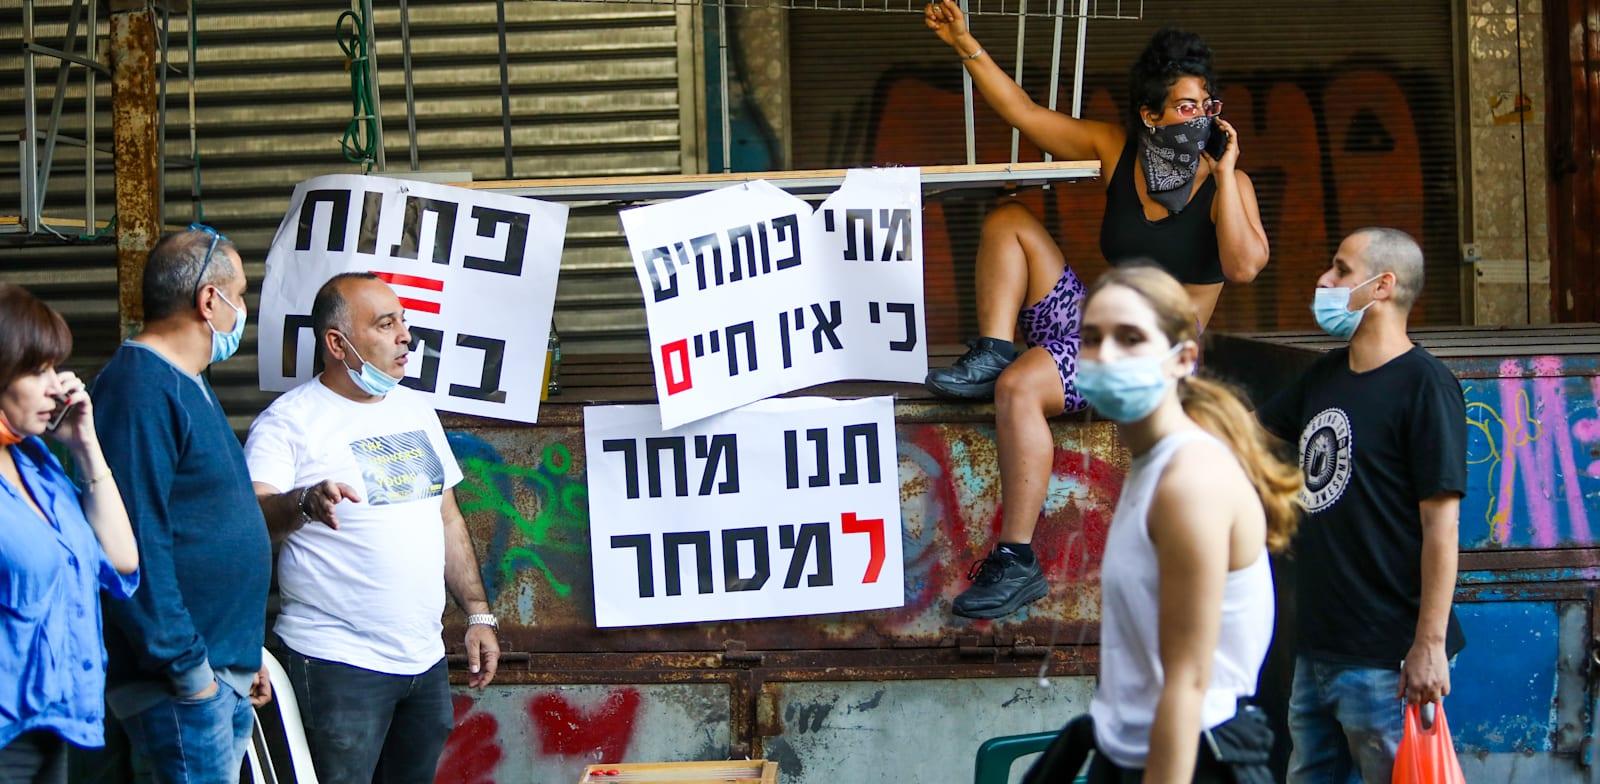 הפגנה בשוק הכרמל בתל אביב לפתיחת המסחר במהלך הקיץ / צילום: שלומי יוסף